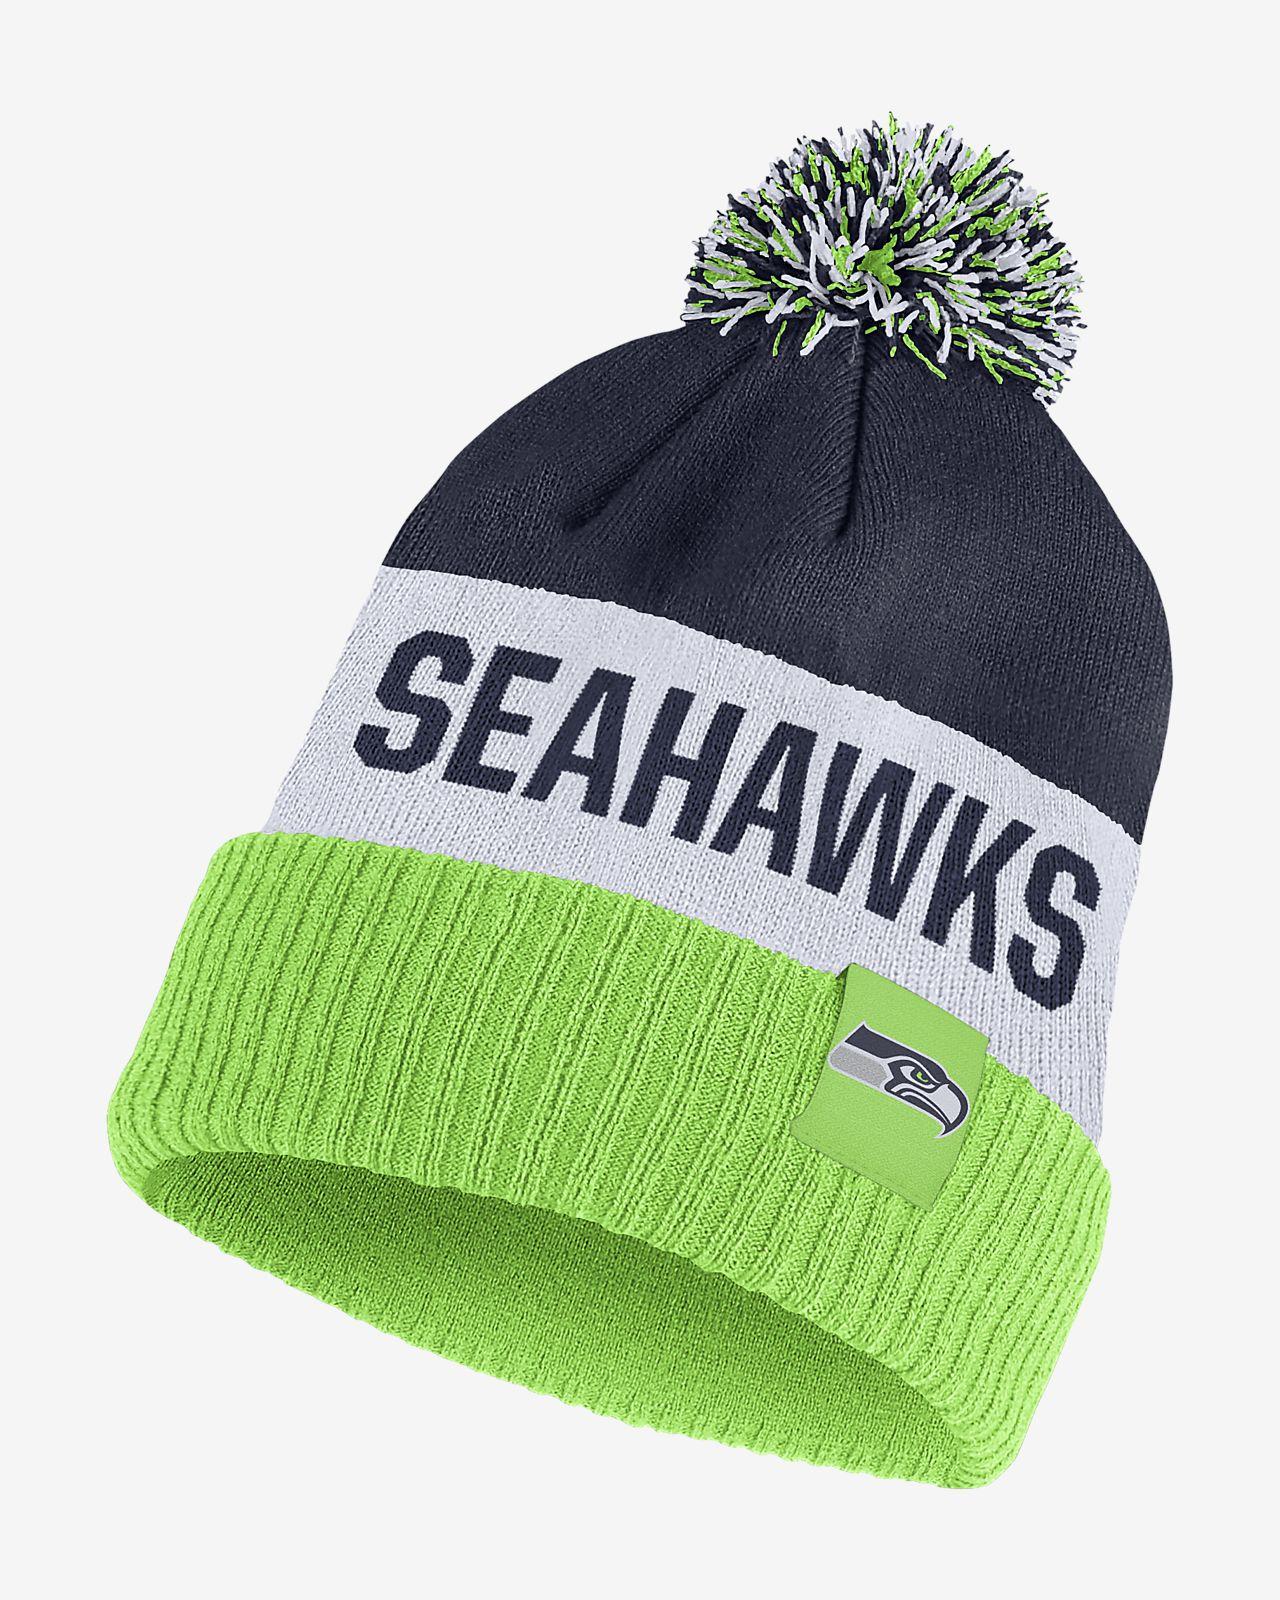 281cddfd Nike (NFL Seahawks) Beanie